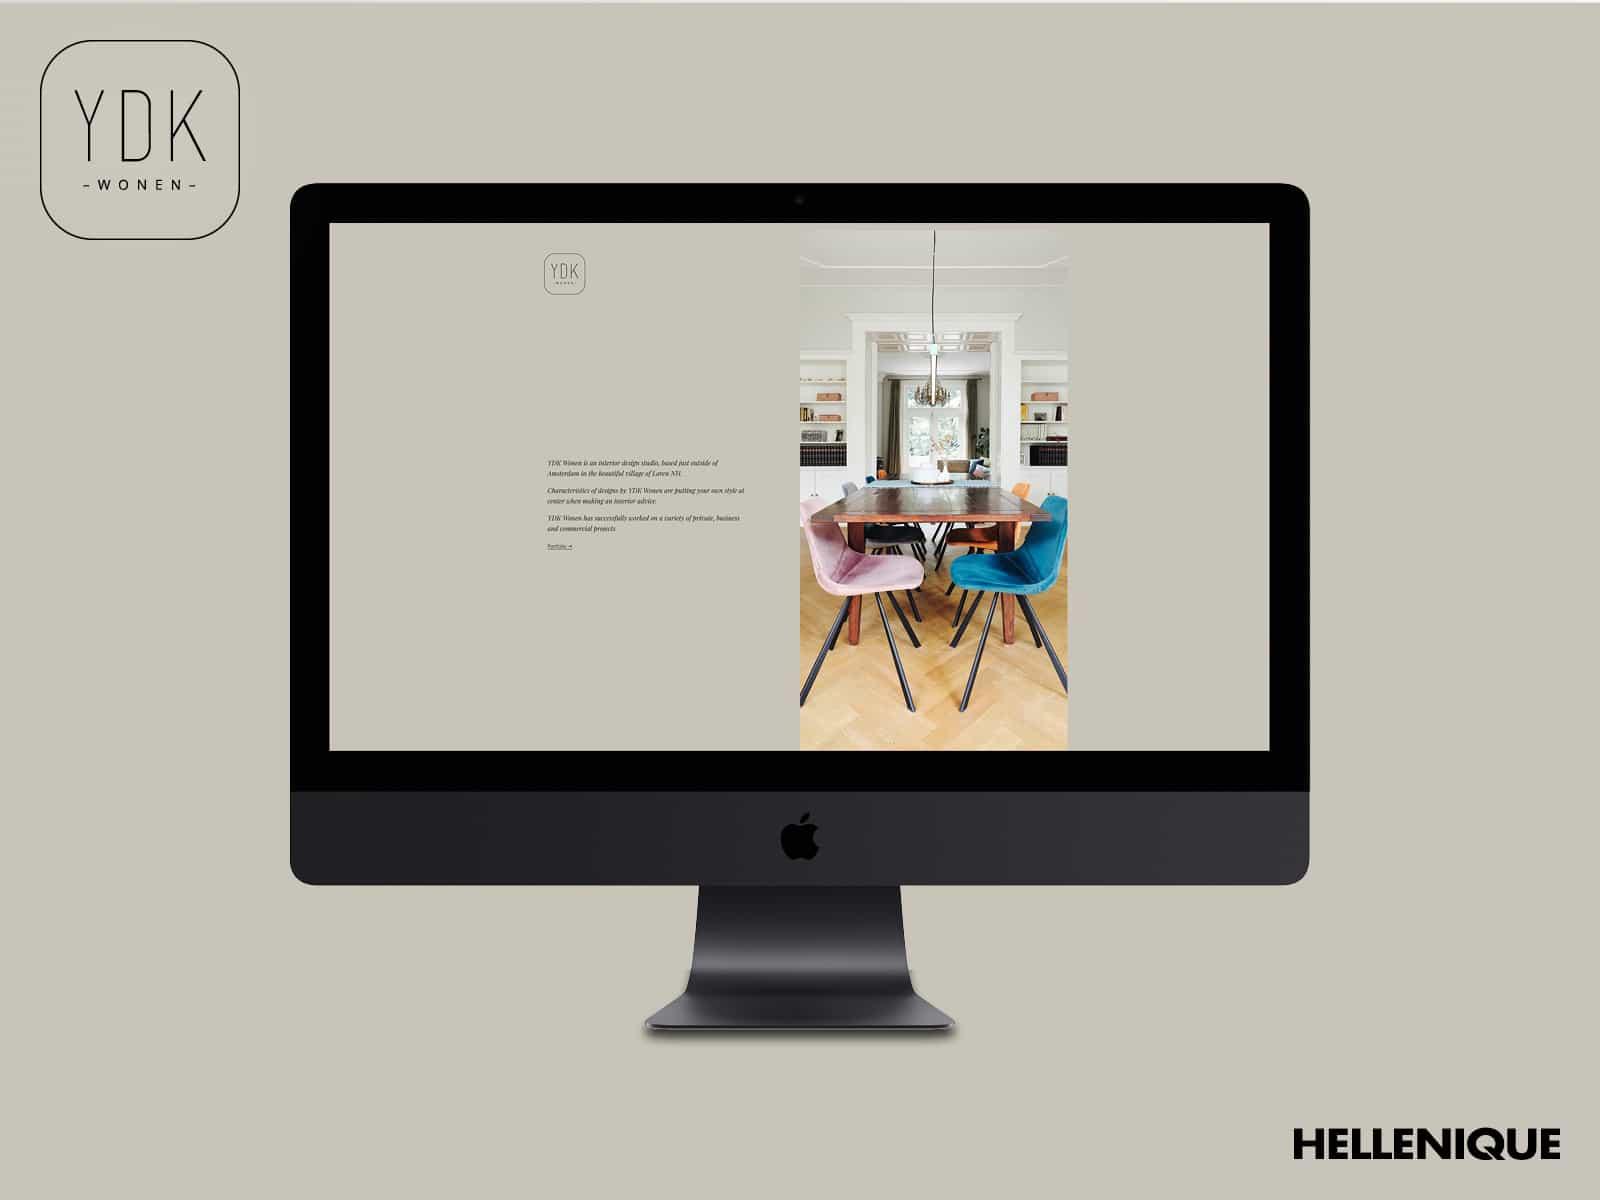 YDK Wonen website 4